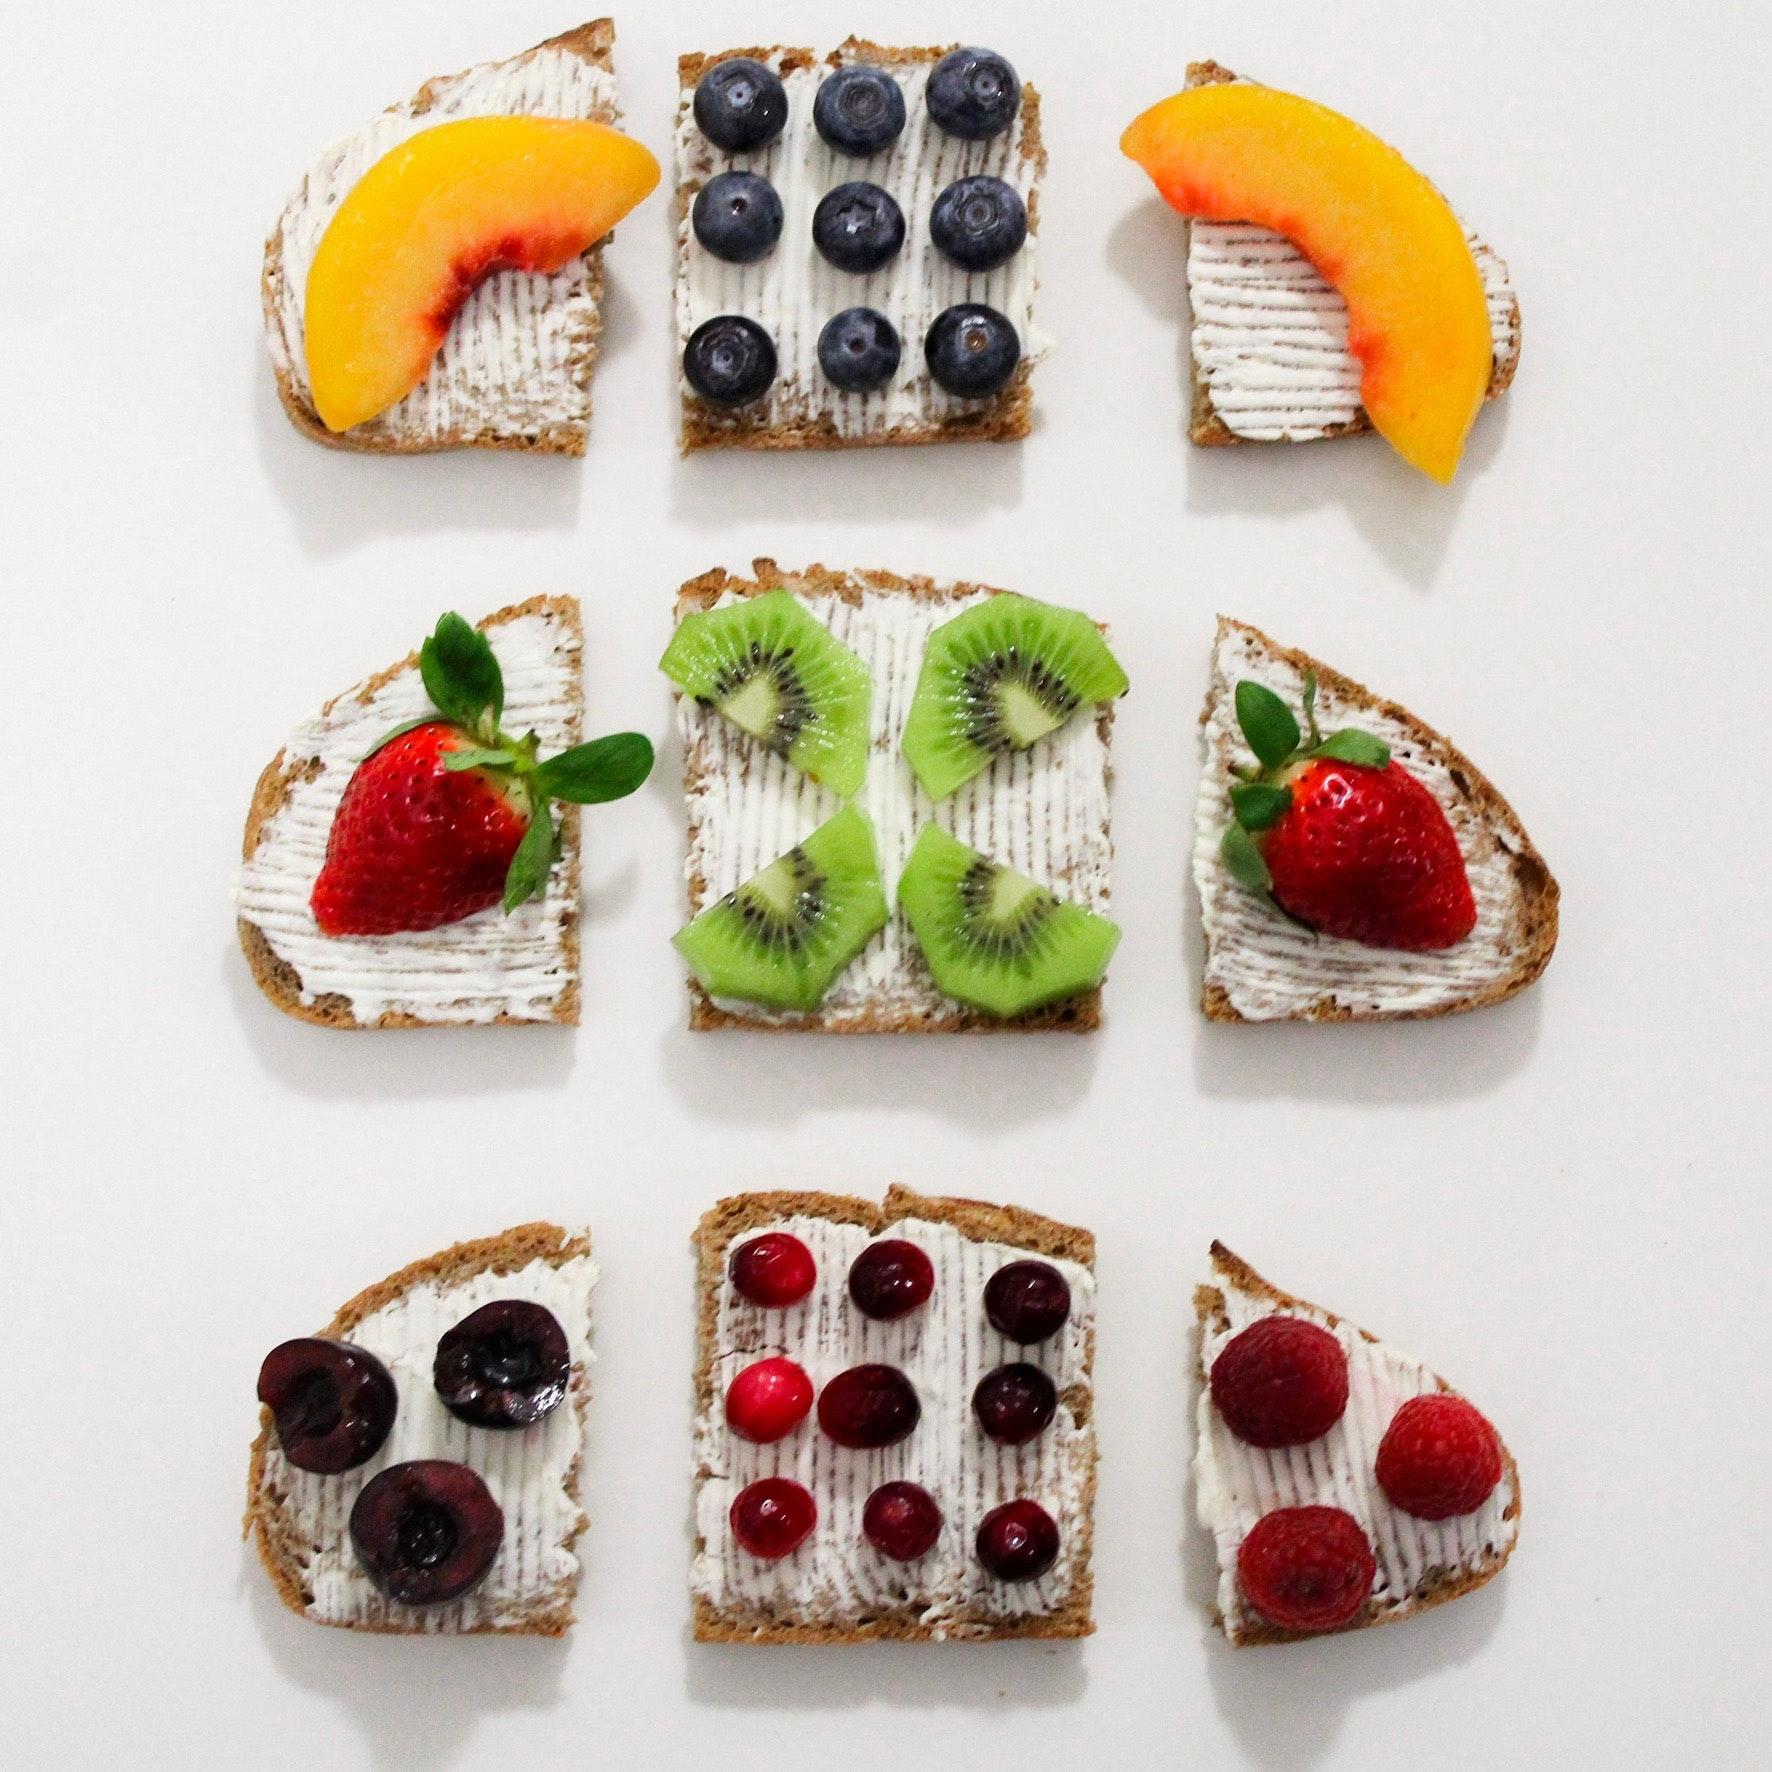 Lakukan Ini, Dapatkan Panduan Mengenai Resep Makanan Sehat